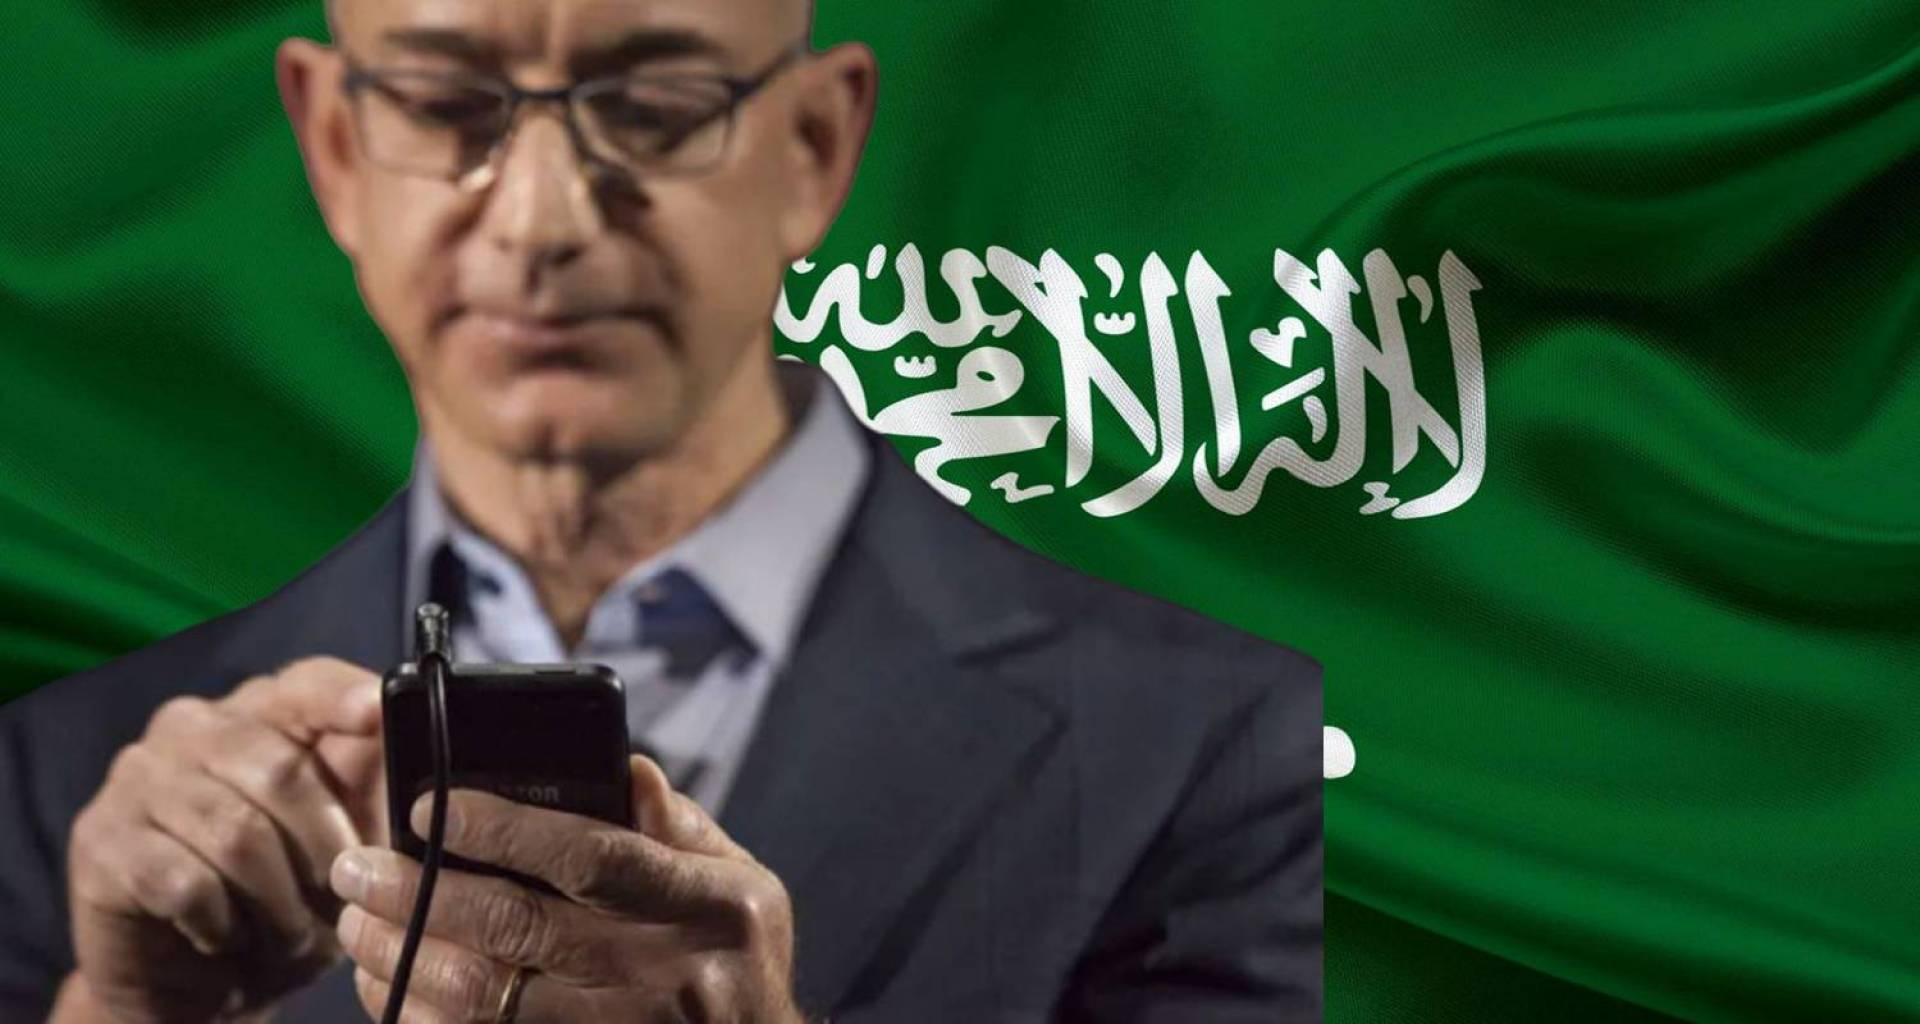 مصدر سعودي مسؤول لـ«القبس»: اتهام المملكة بقرصنة هاتف مالك أمازون «جيف بيزوس».. أمر سخيف